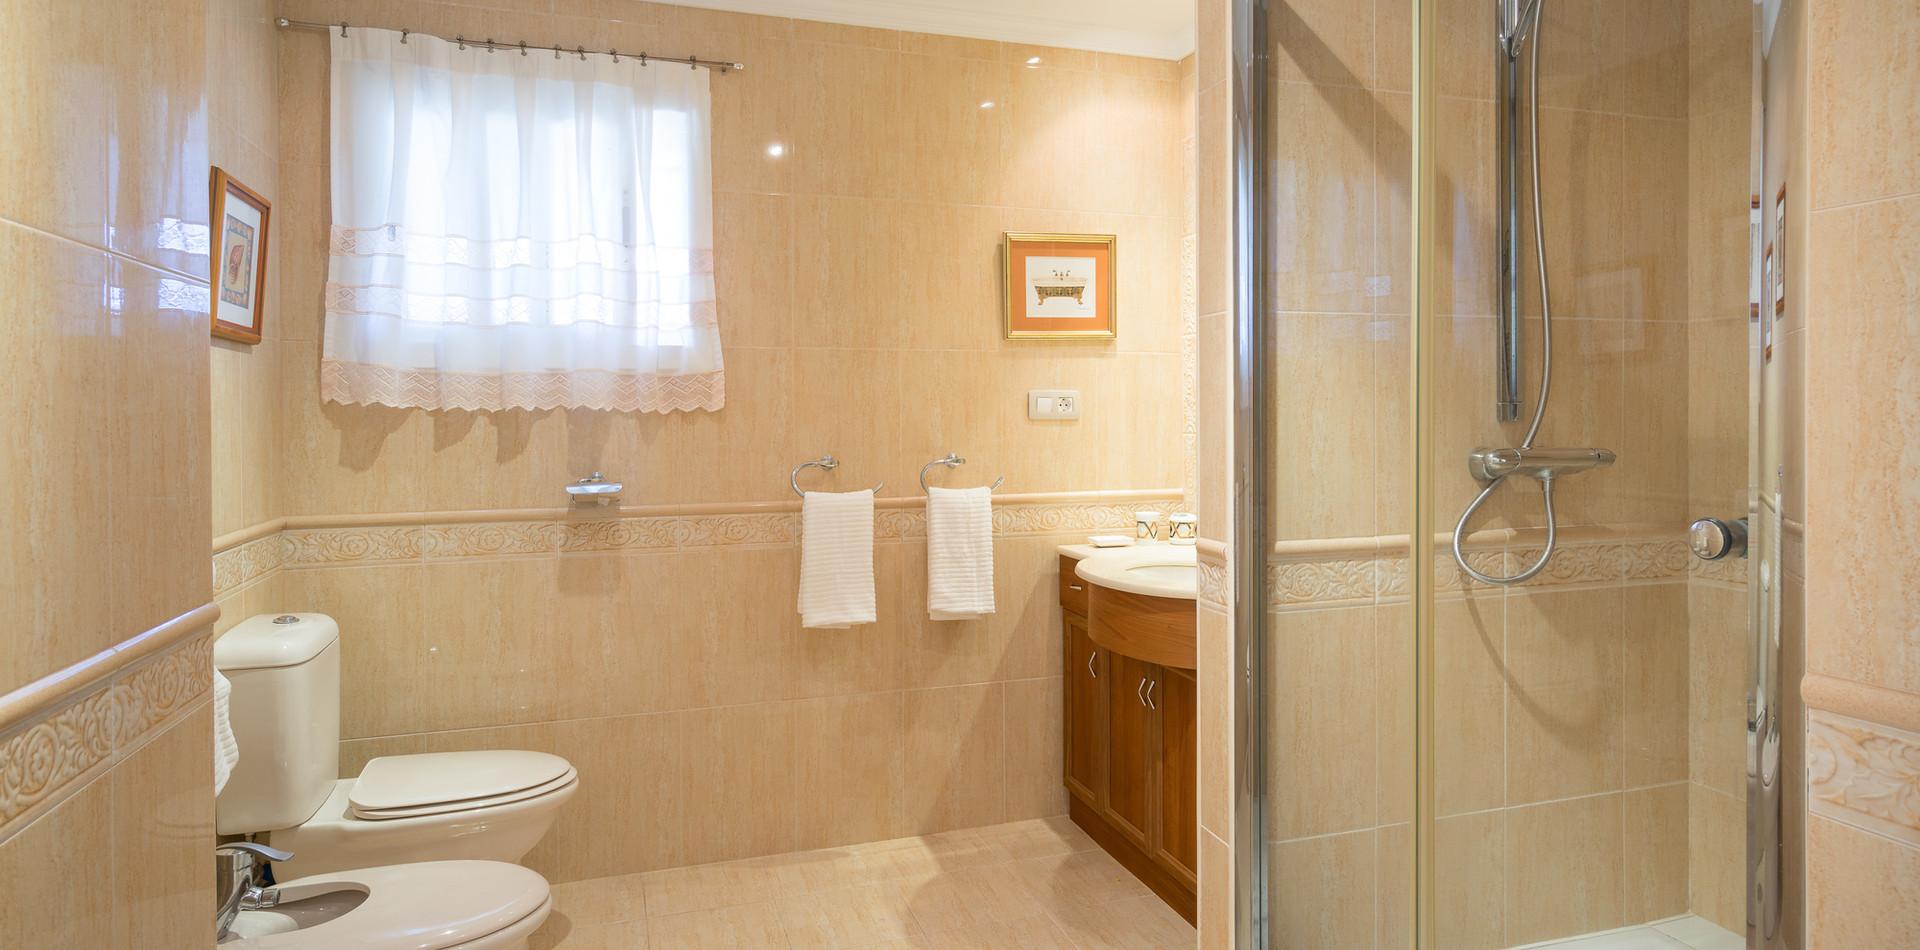 Baño completo con bañera y ducha, más cuarto de baño separado.